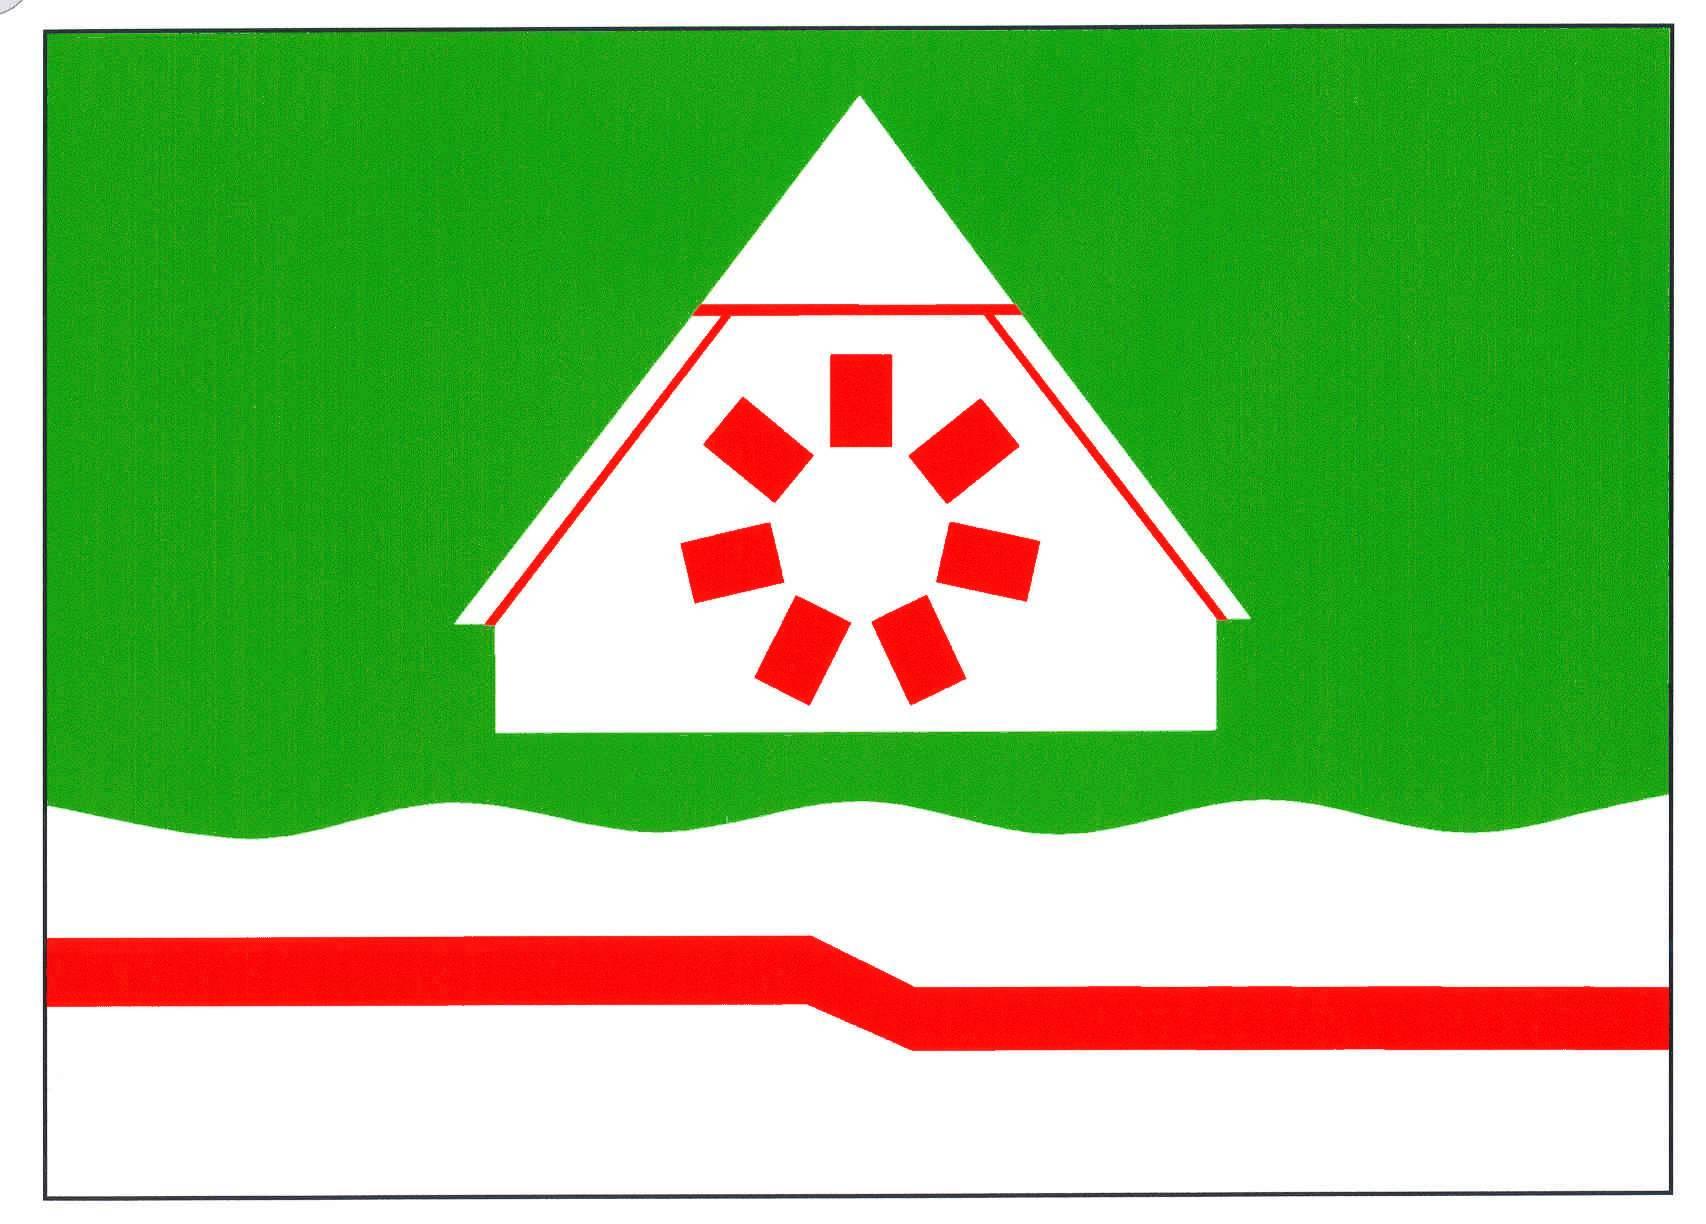 Flagge GemeindeKühsen, Kreis Herzogtum Lauenburg